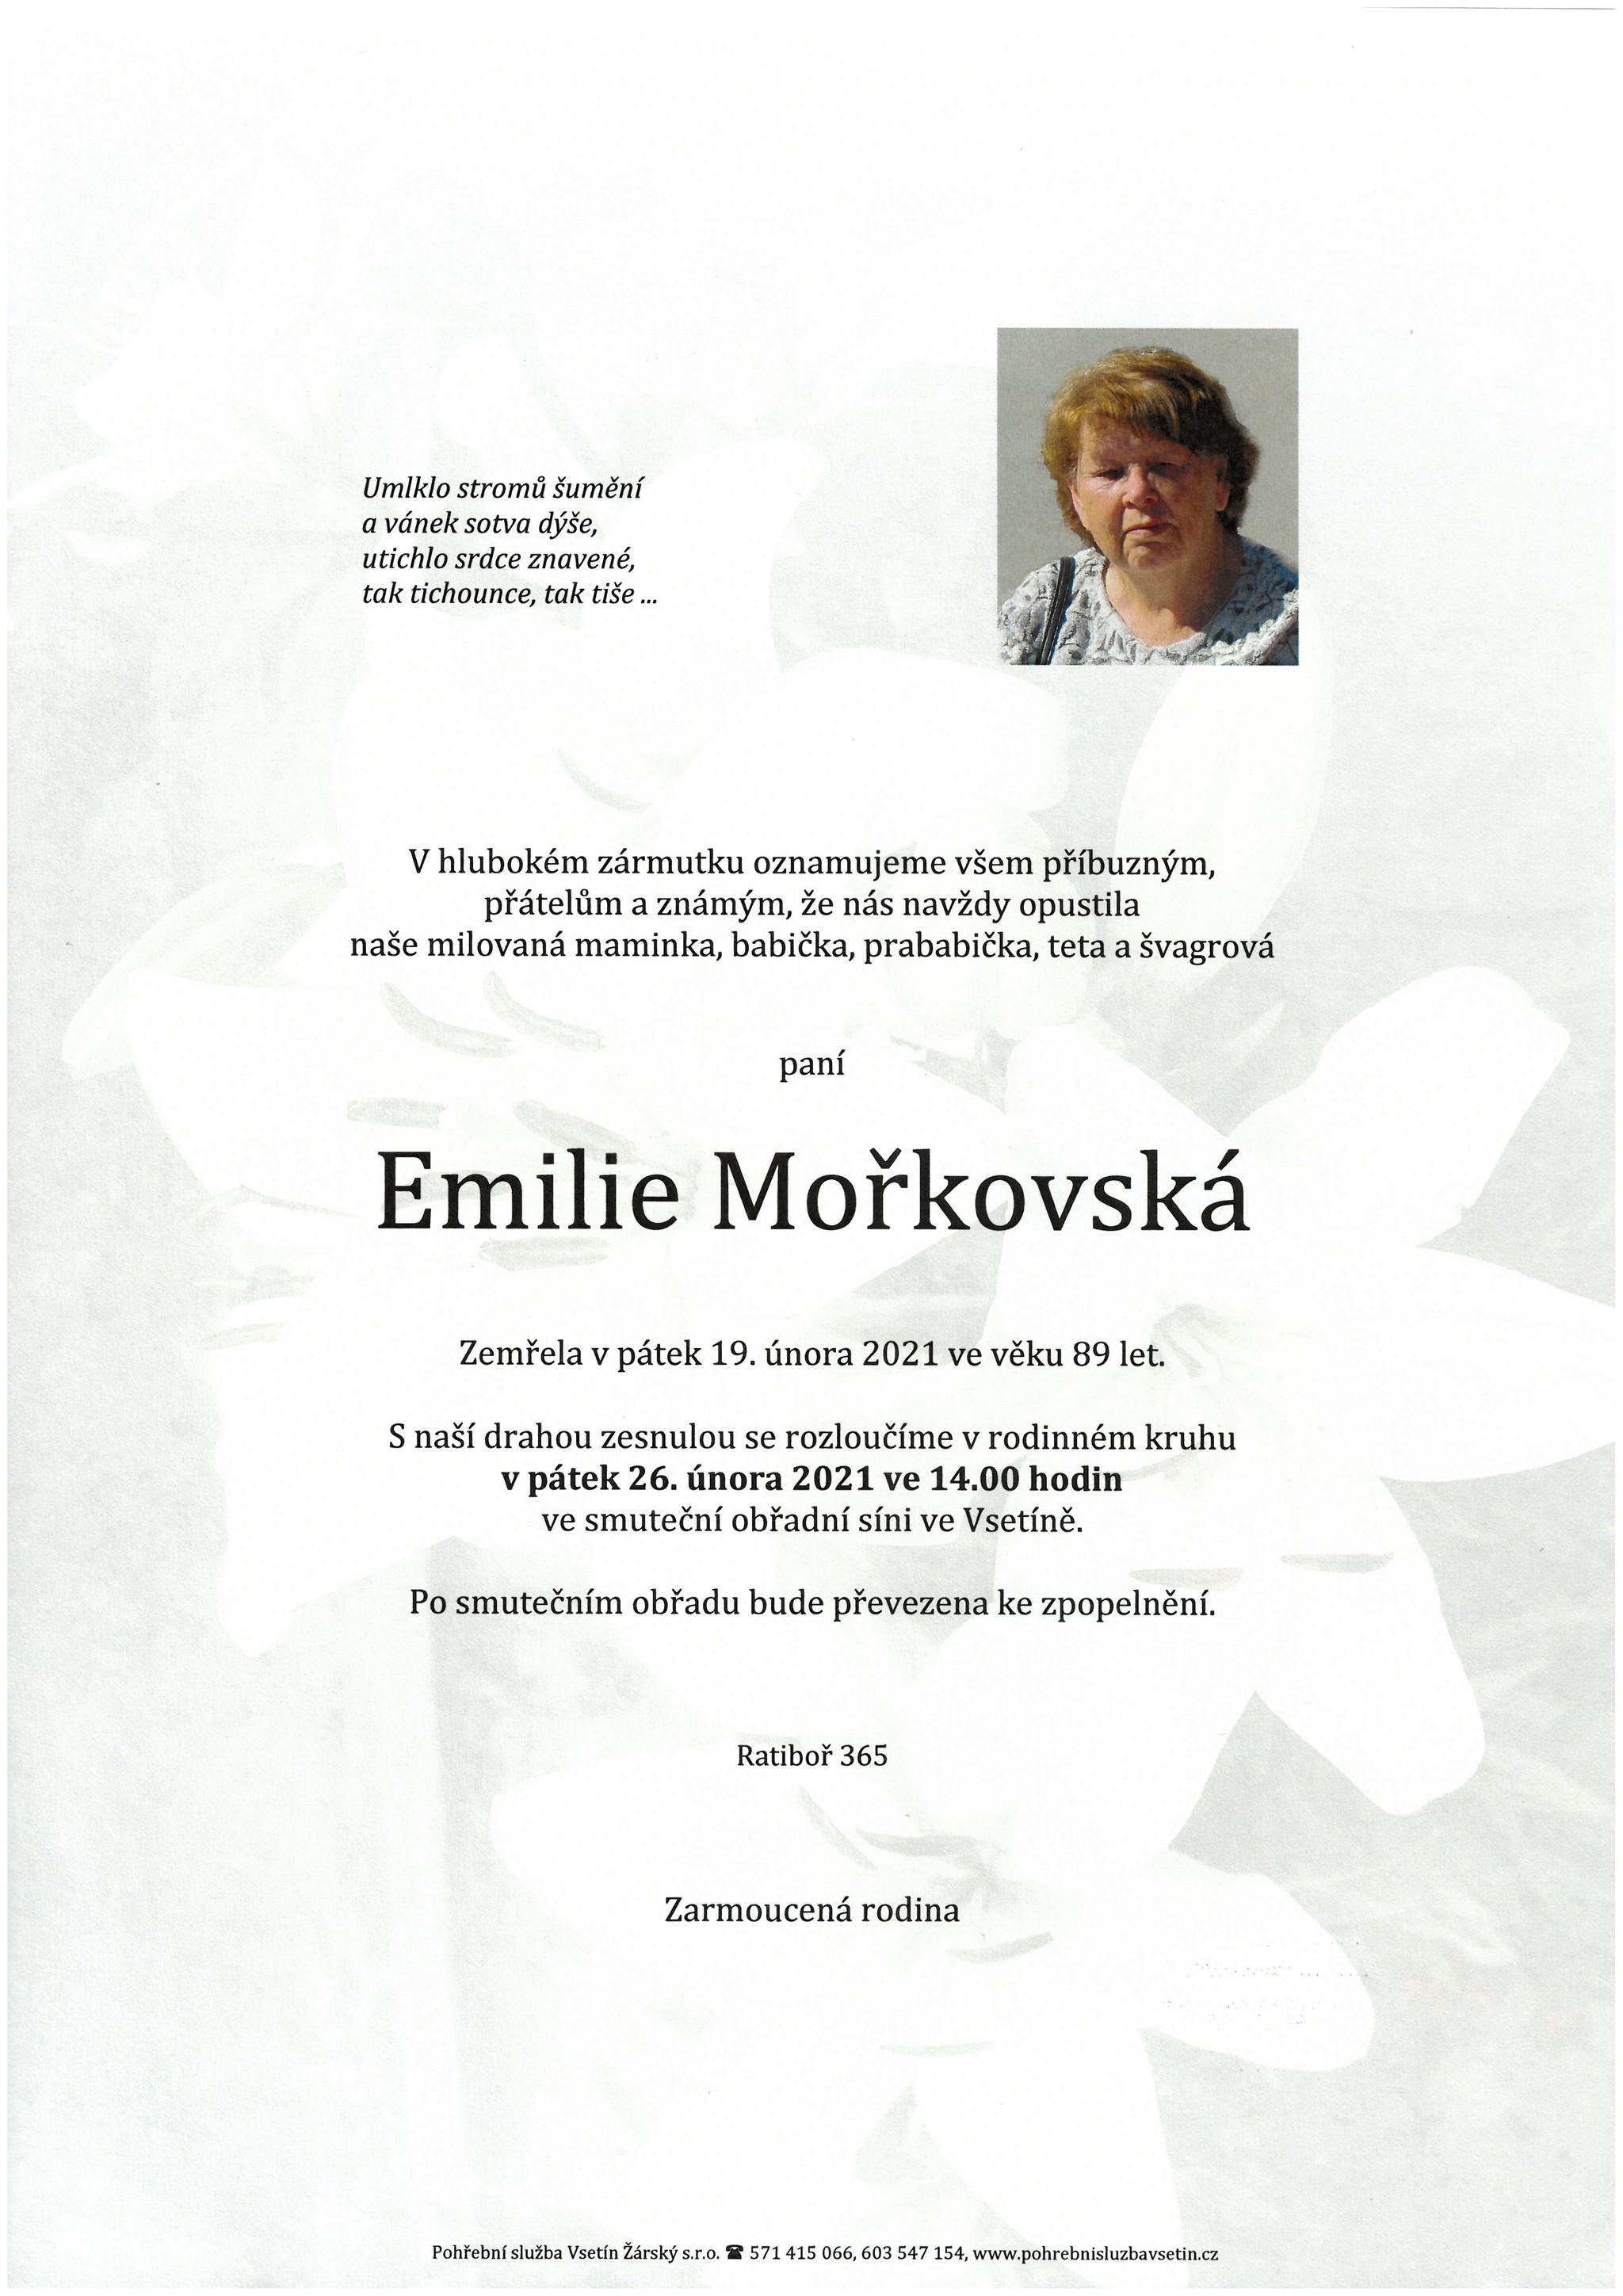 Emilie Mořkovská